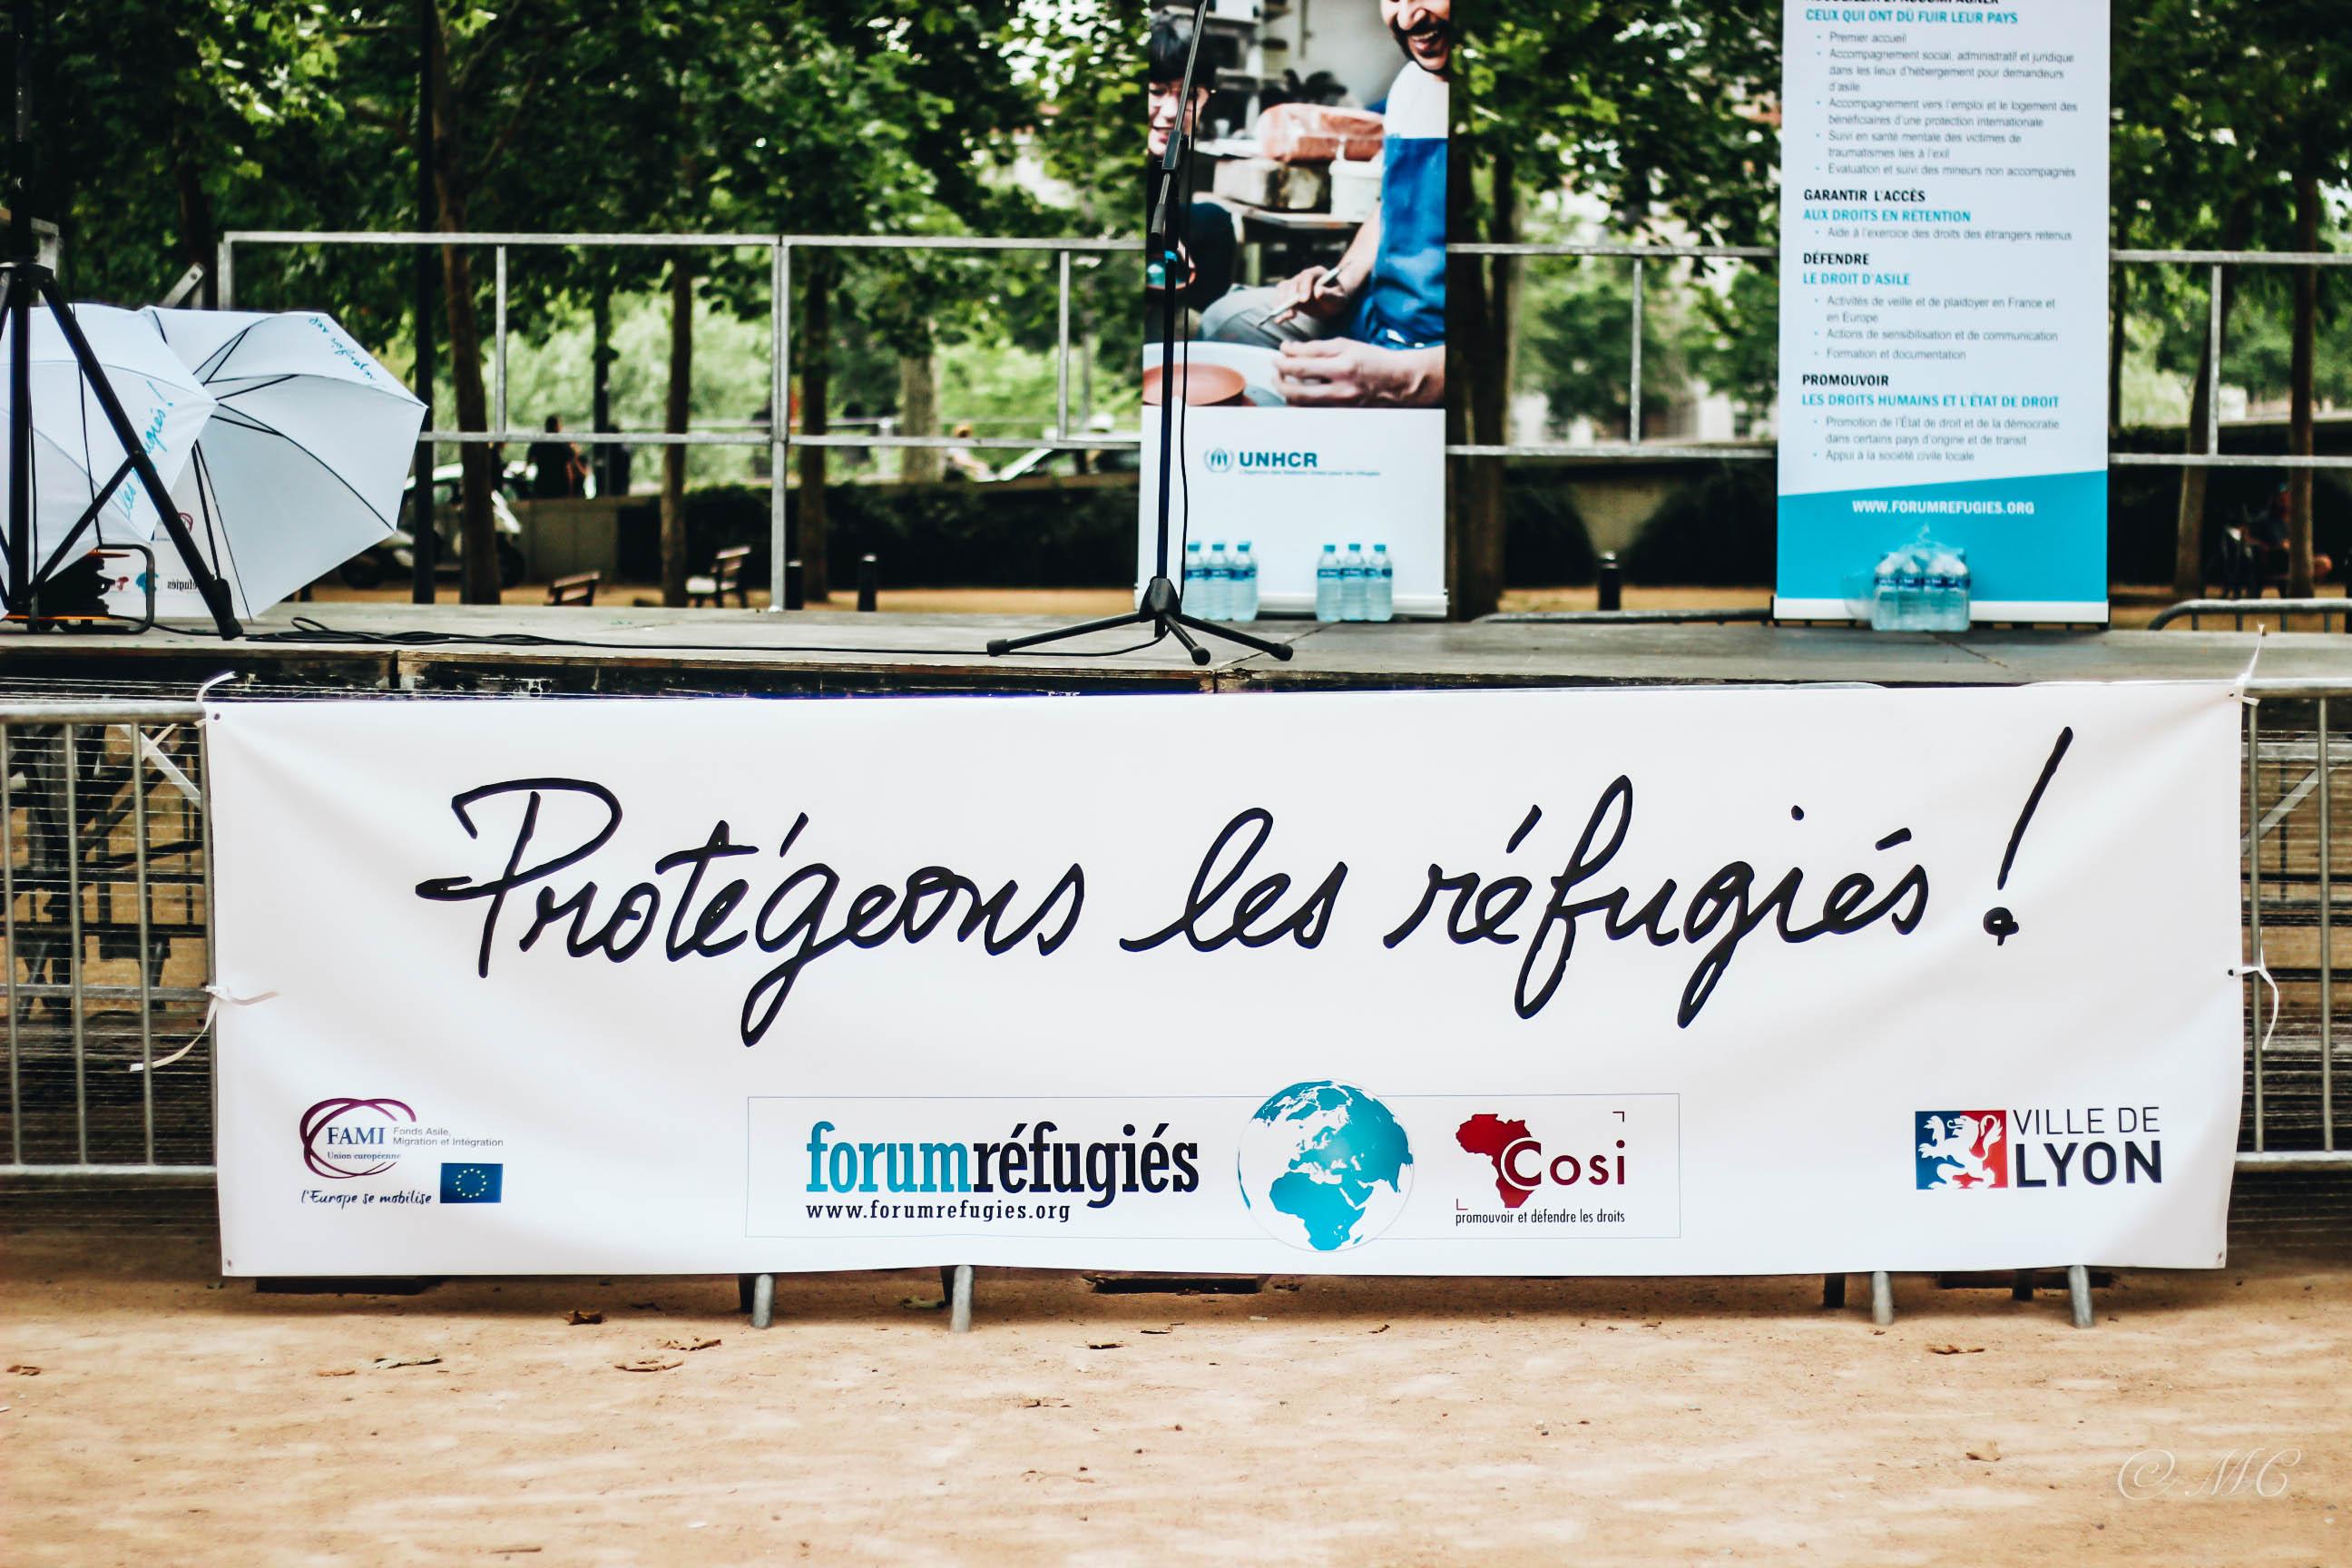 Soutenez Forum réfugiés-Cosi